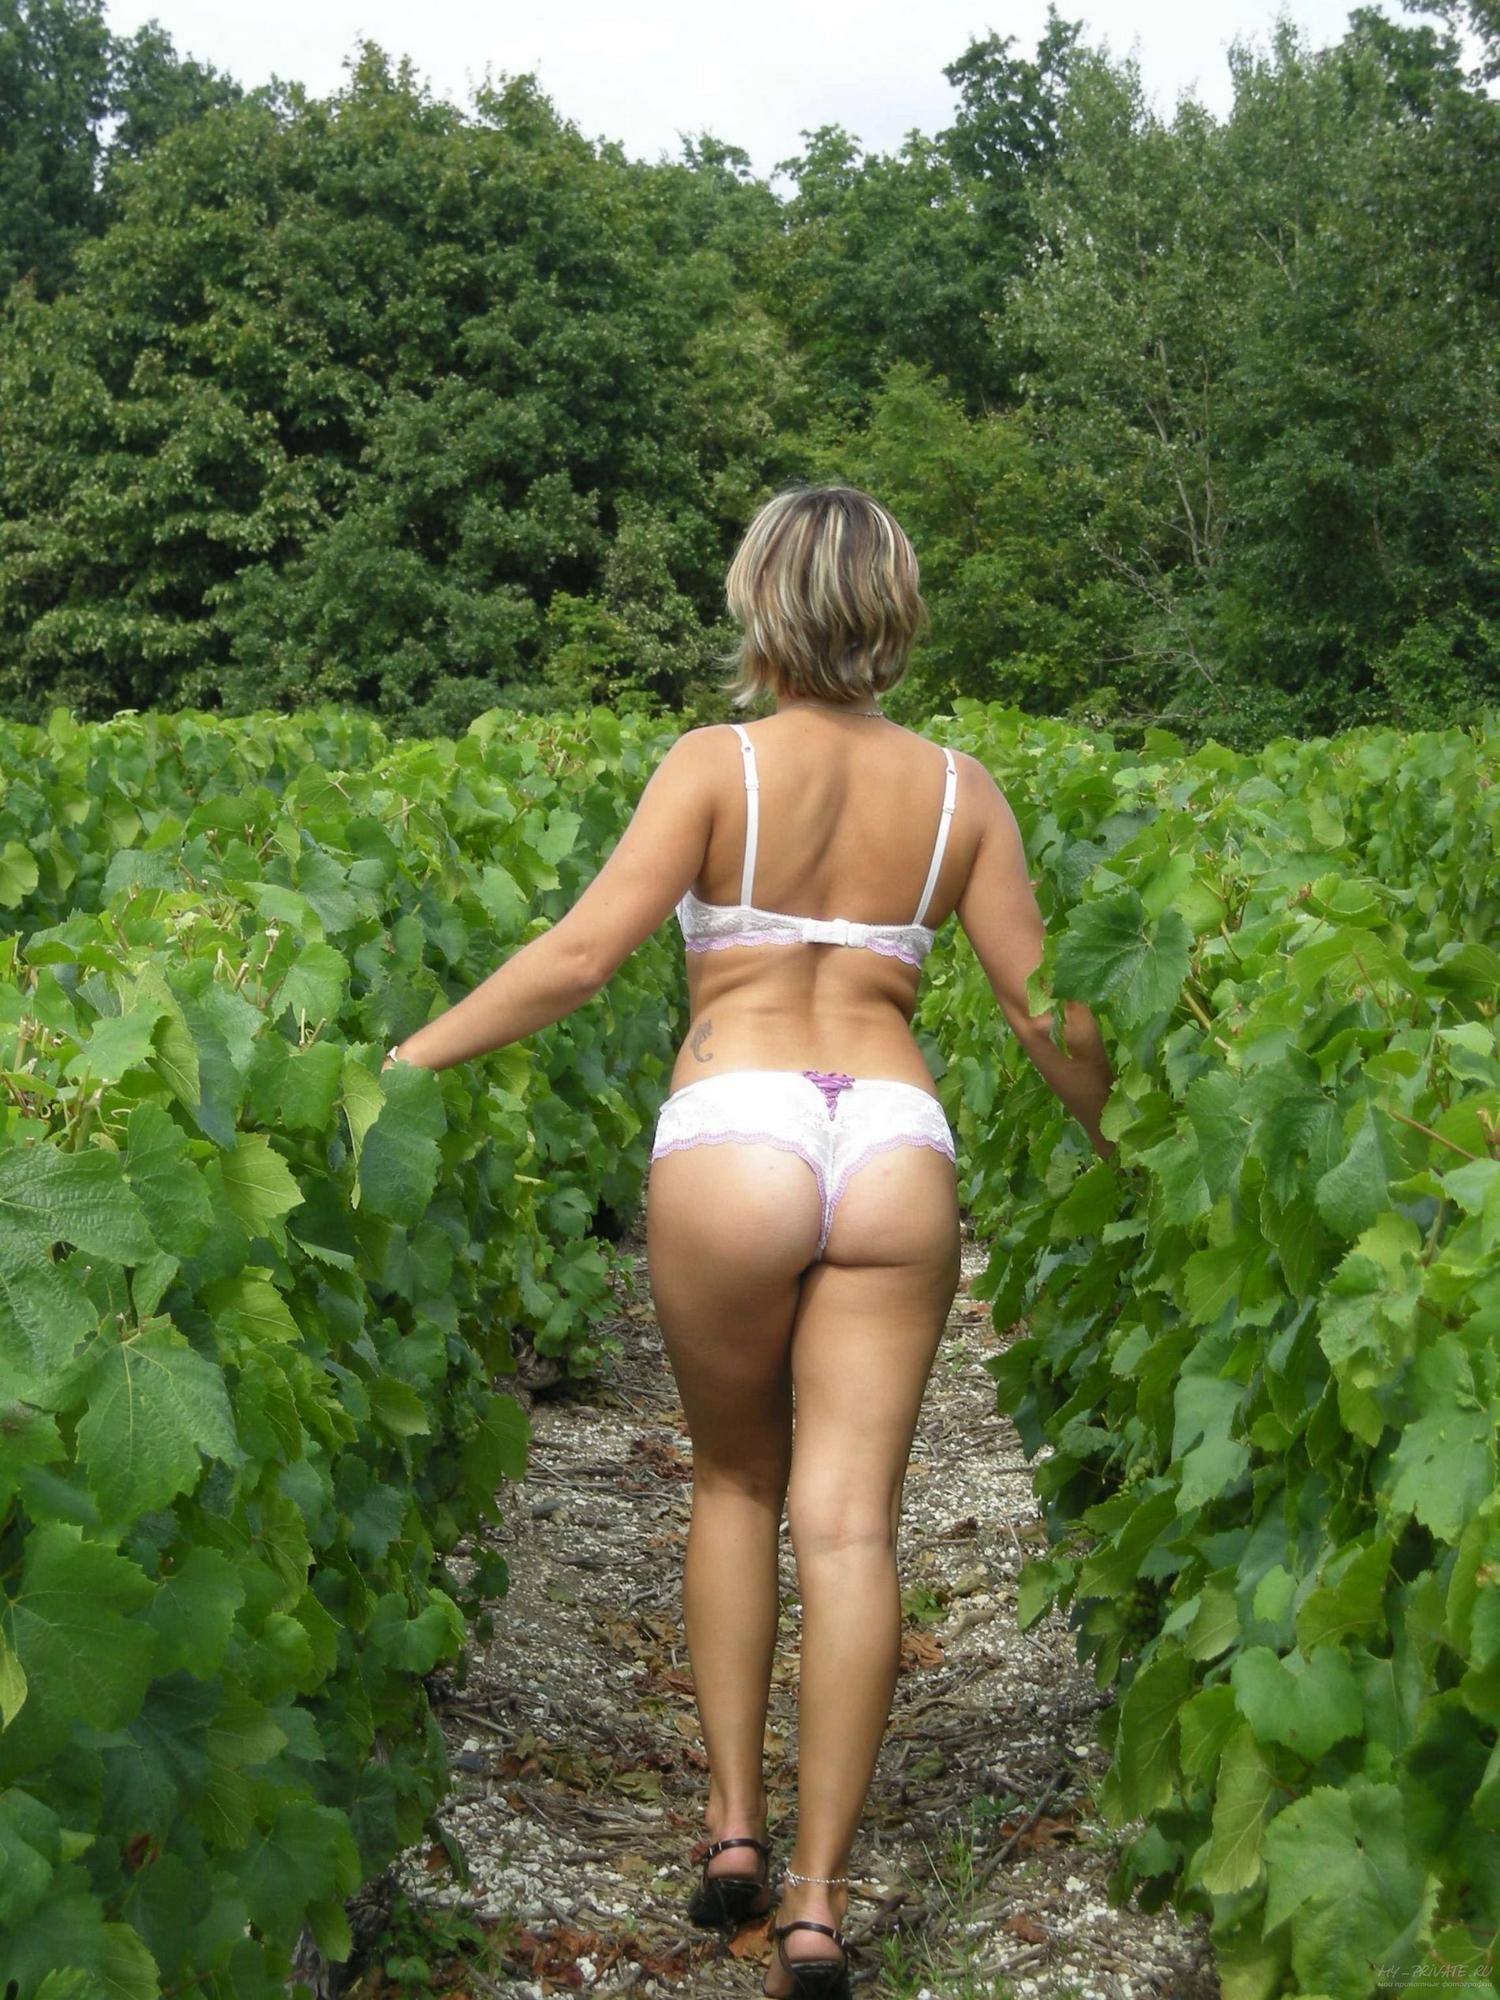 Барышня гуляет по винограднику в белом белье